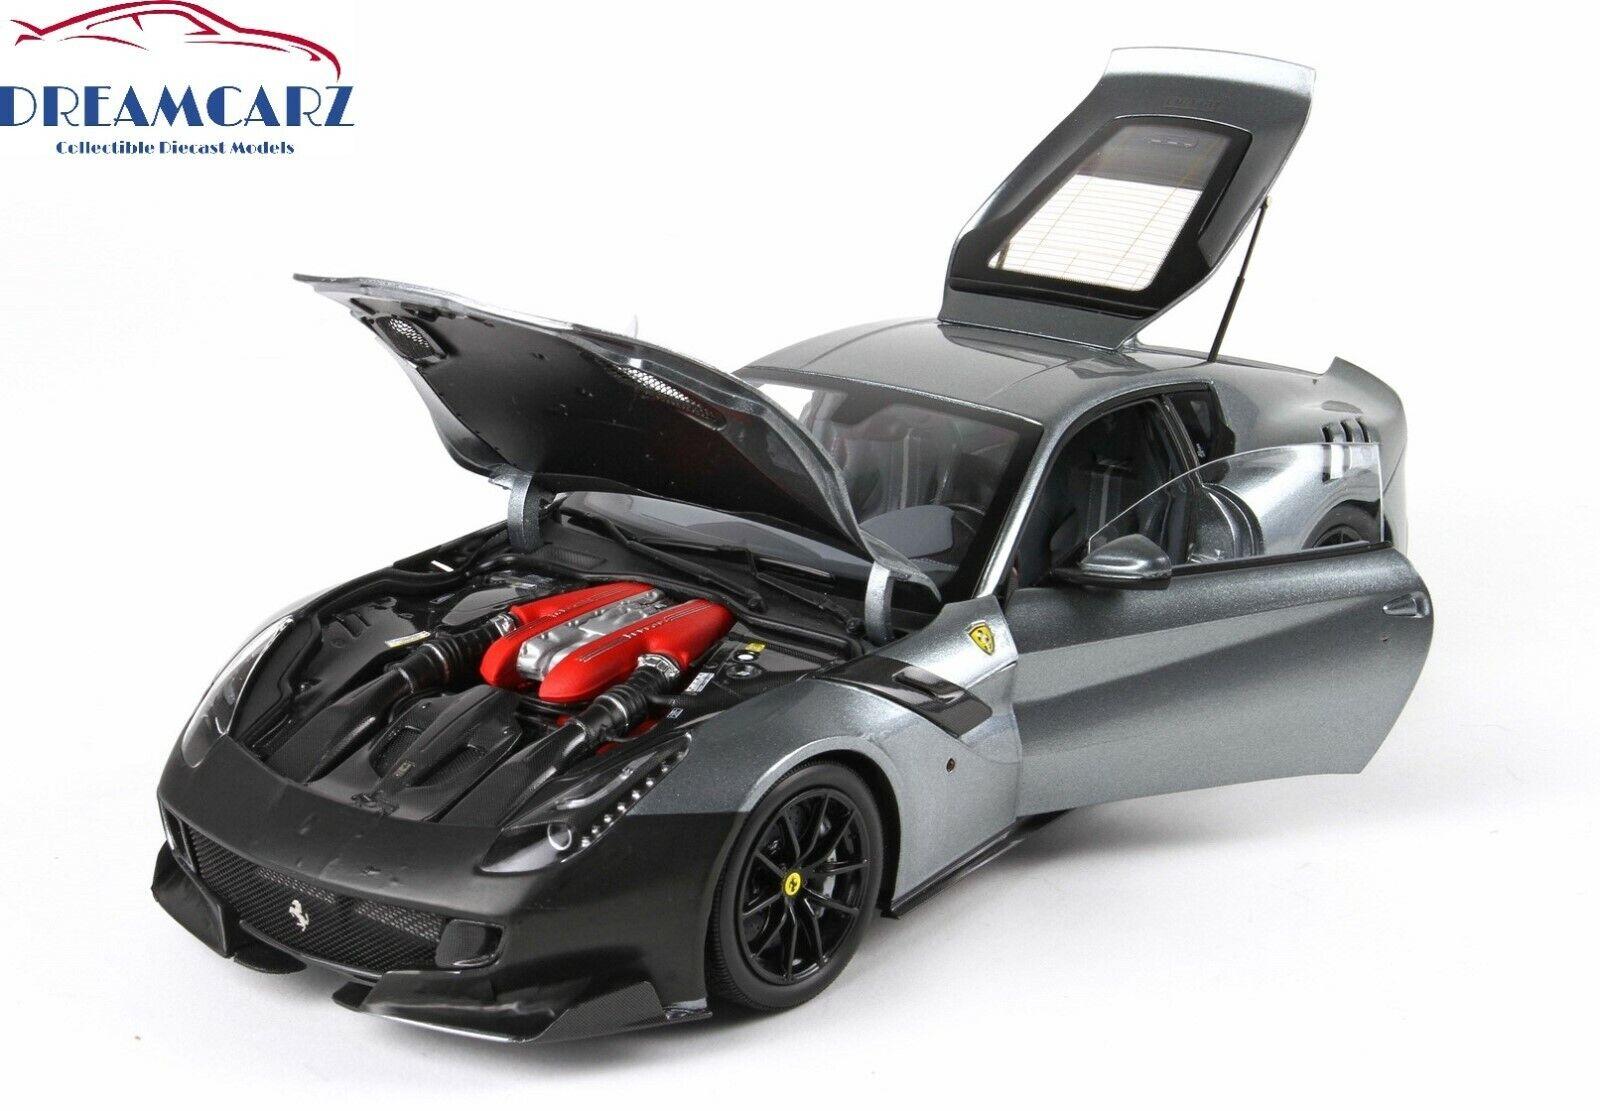 BBR BBR1821TS 1 18 Ferrari F12 TdF - Diecast -Begränsad 80-talsutrustning